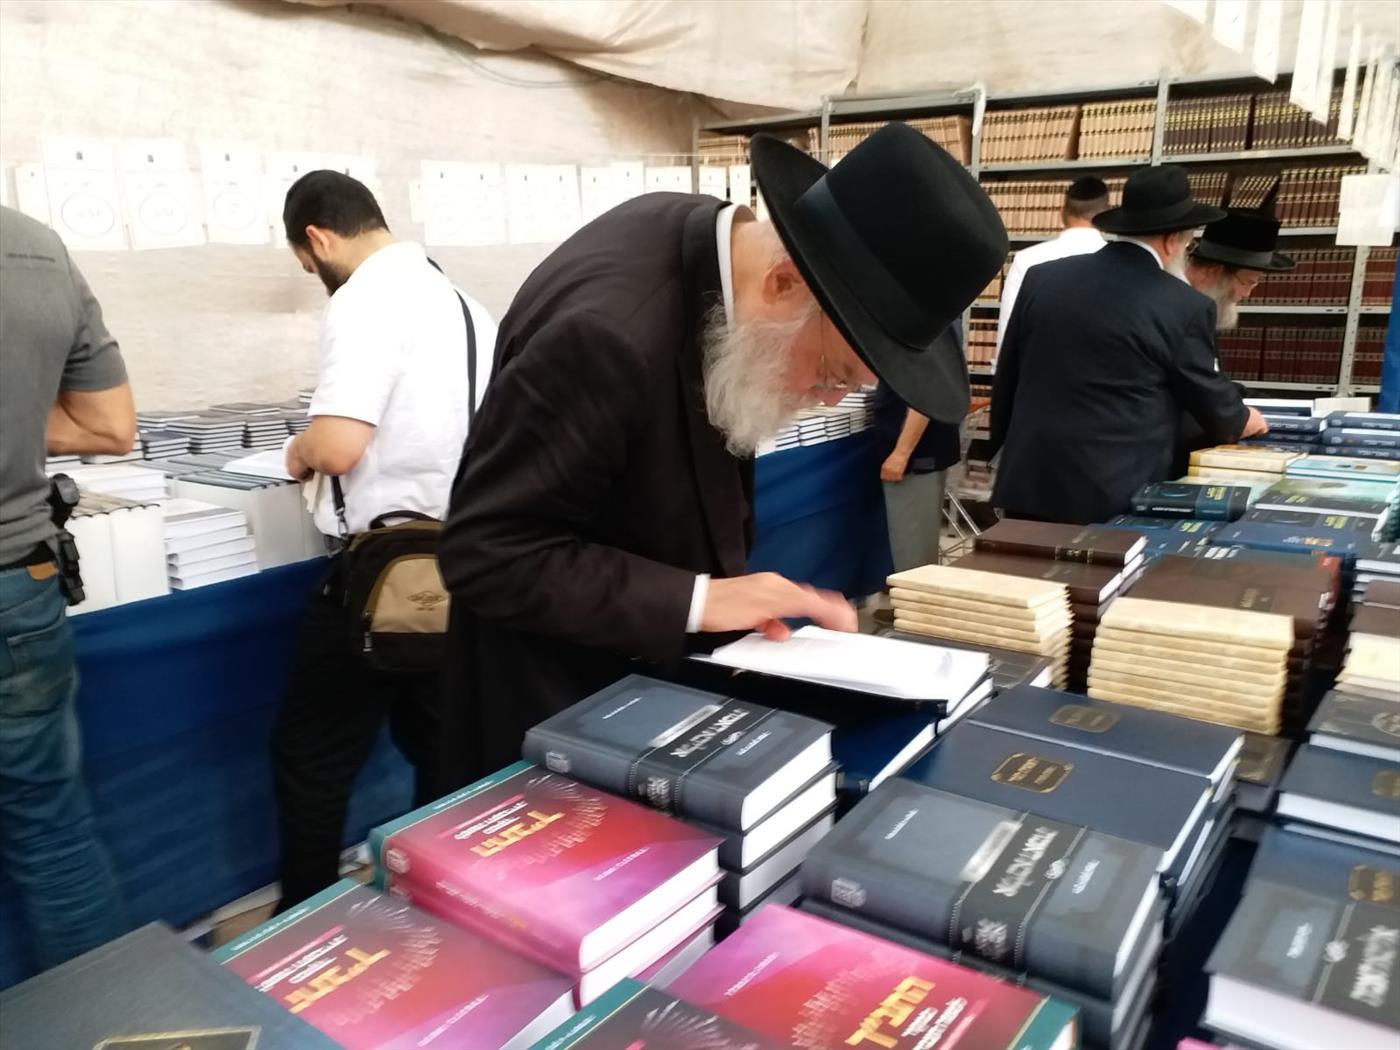 מעיינים בספרים ביריד הספרים במוסד הרב קוק